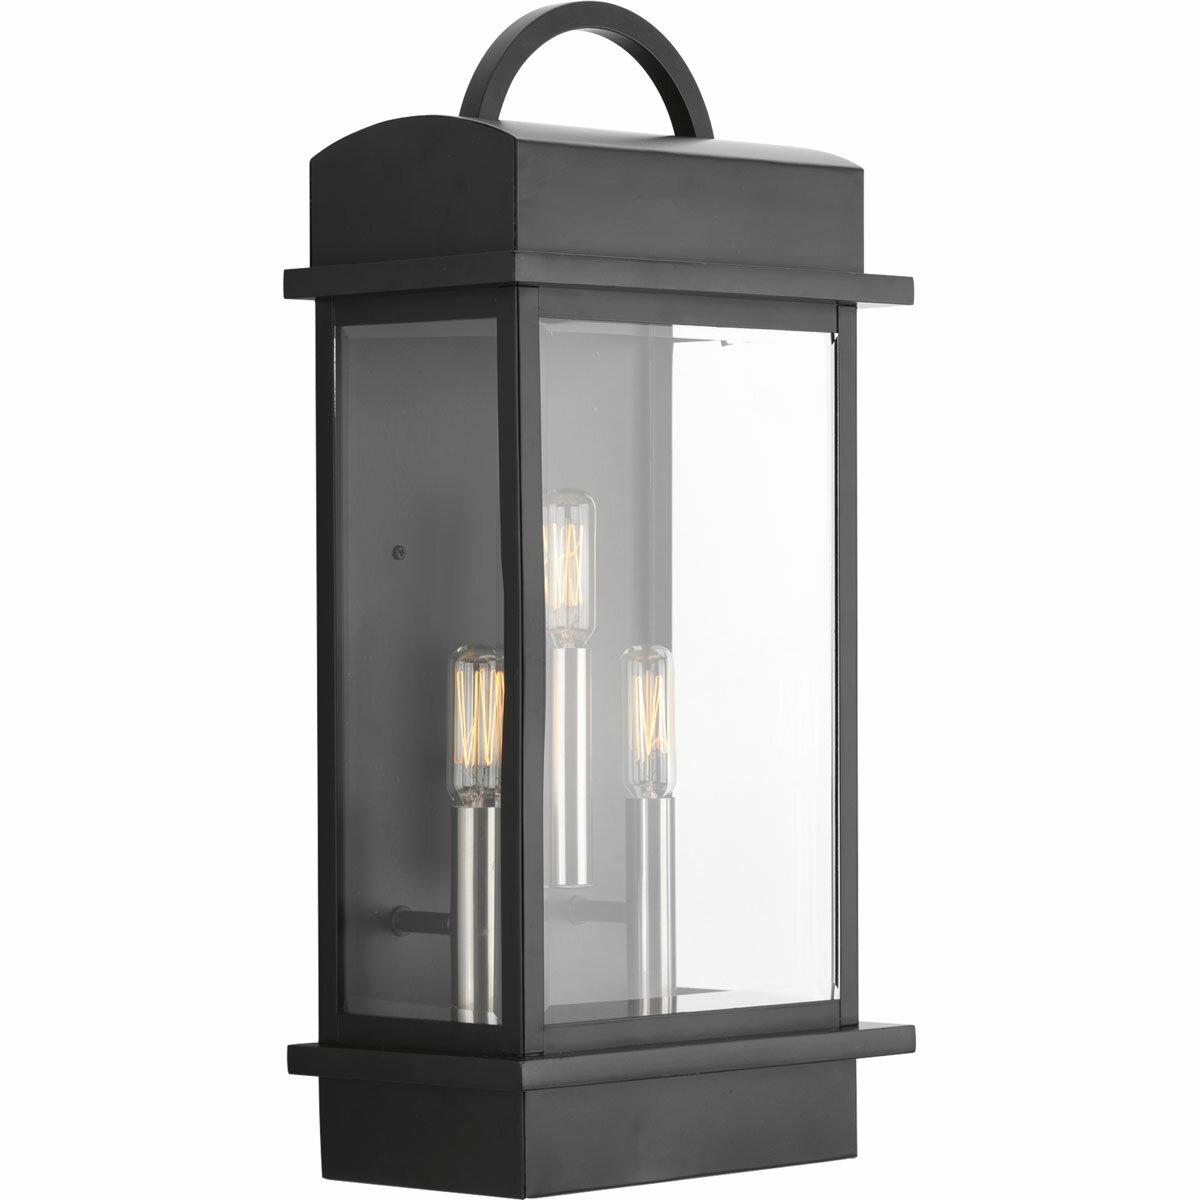 Watterson 3 Light Outdoor Wall Lantern Reviews Joss Main